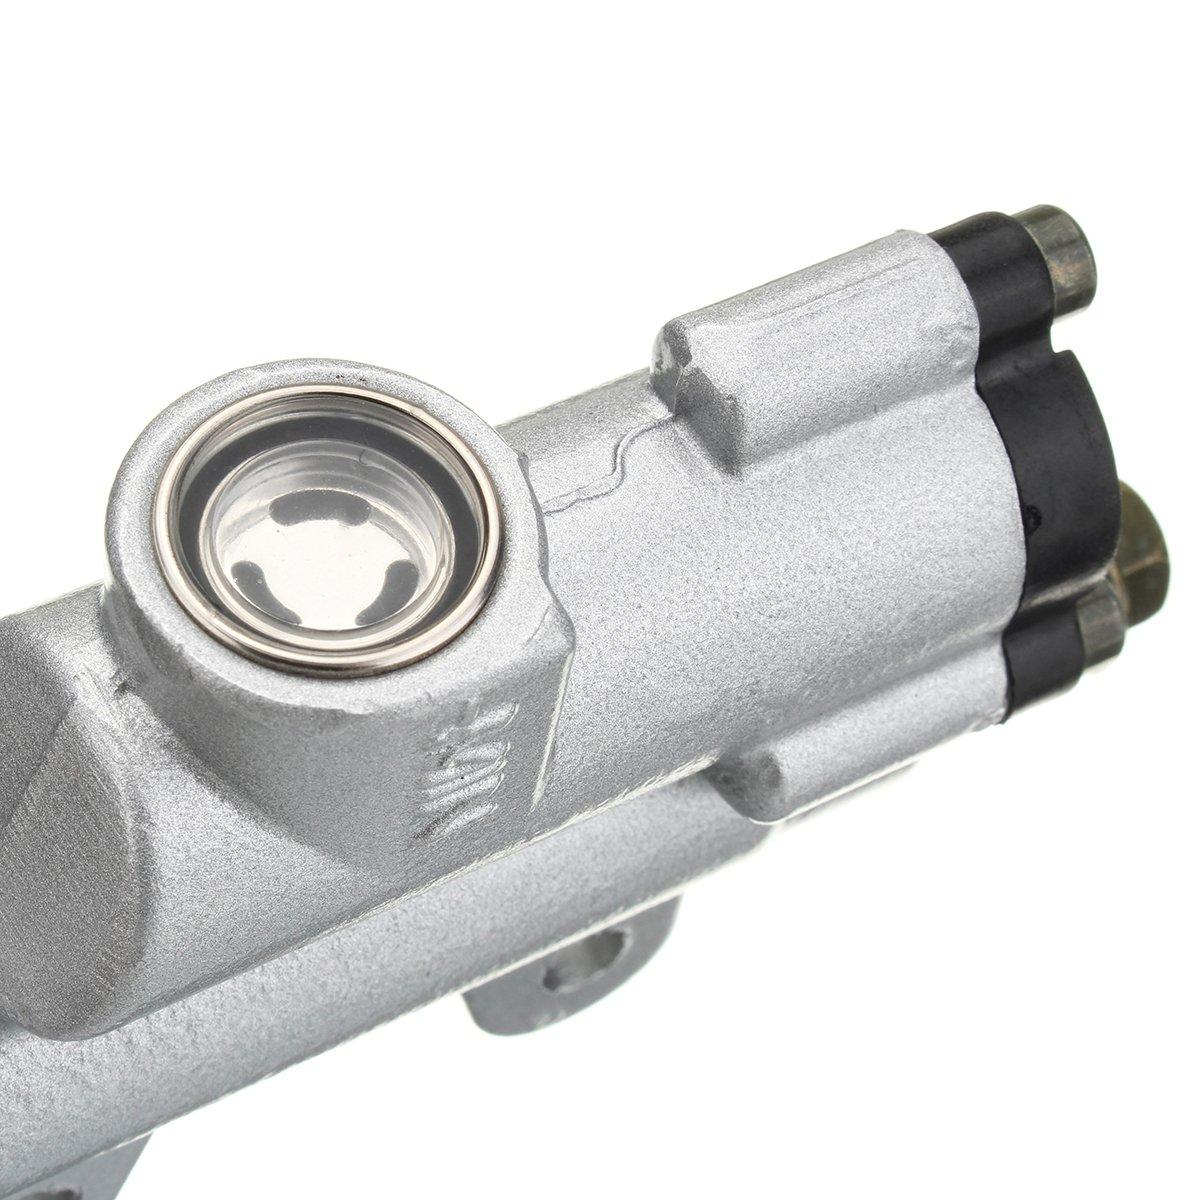 Forspero 8mm Boulon Banjo Argent arri/ère ma/ître Cylindre de Frein hydraulique fit Pit Dirt Bike ATV